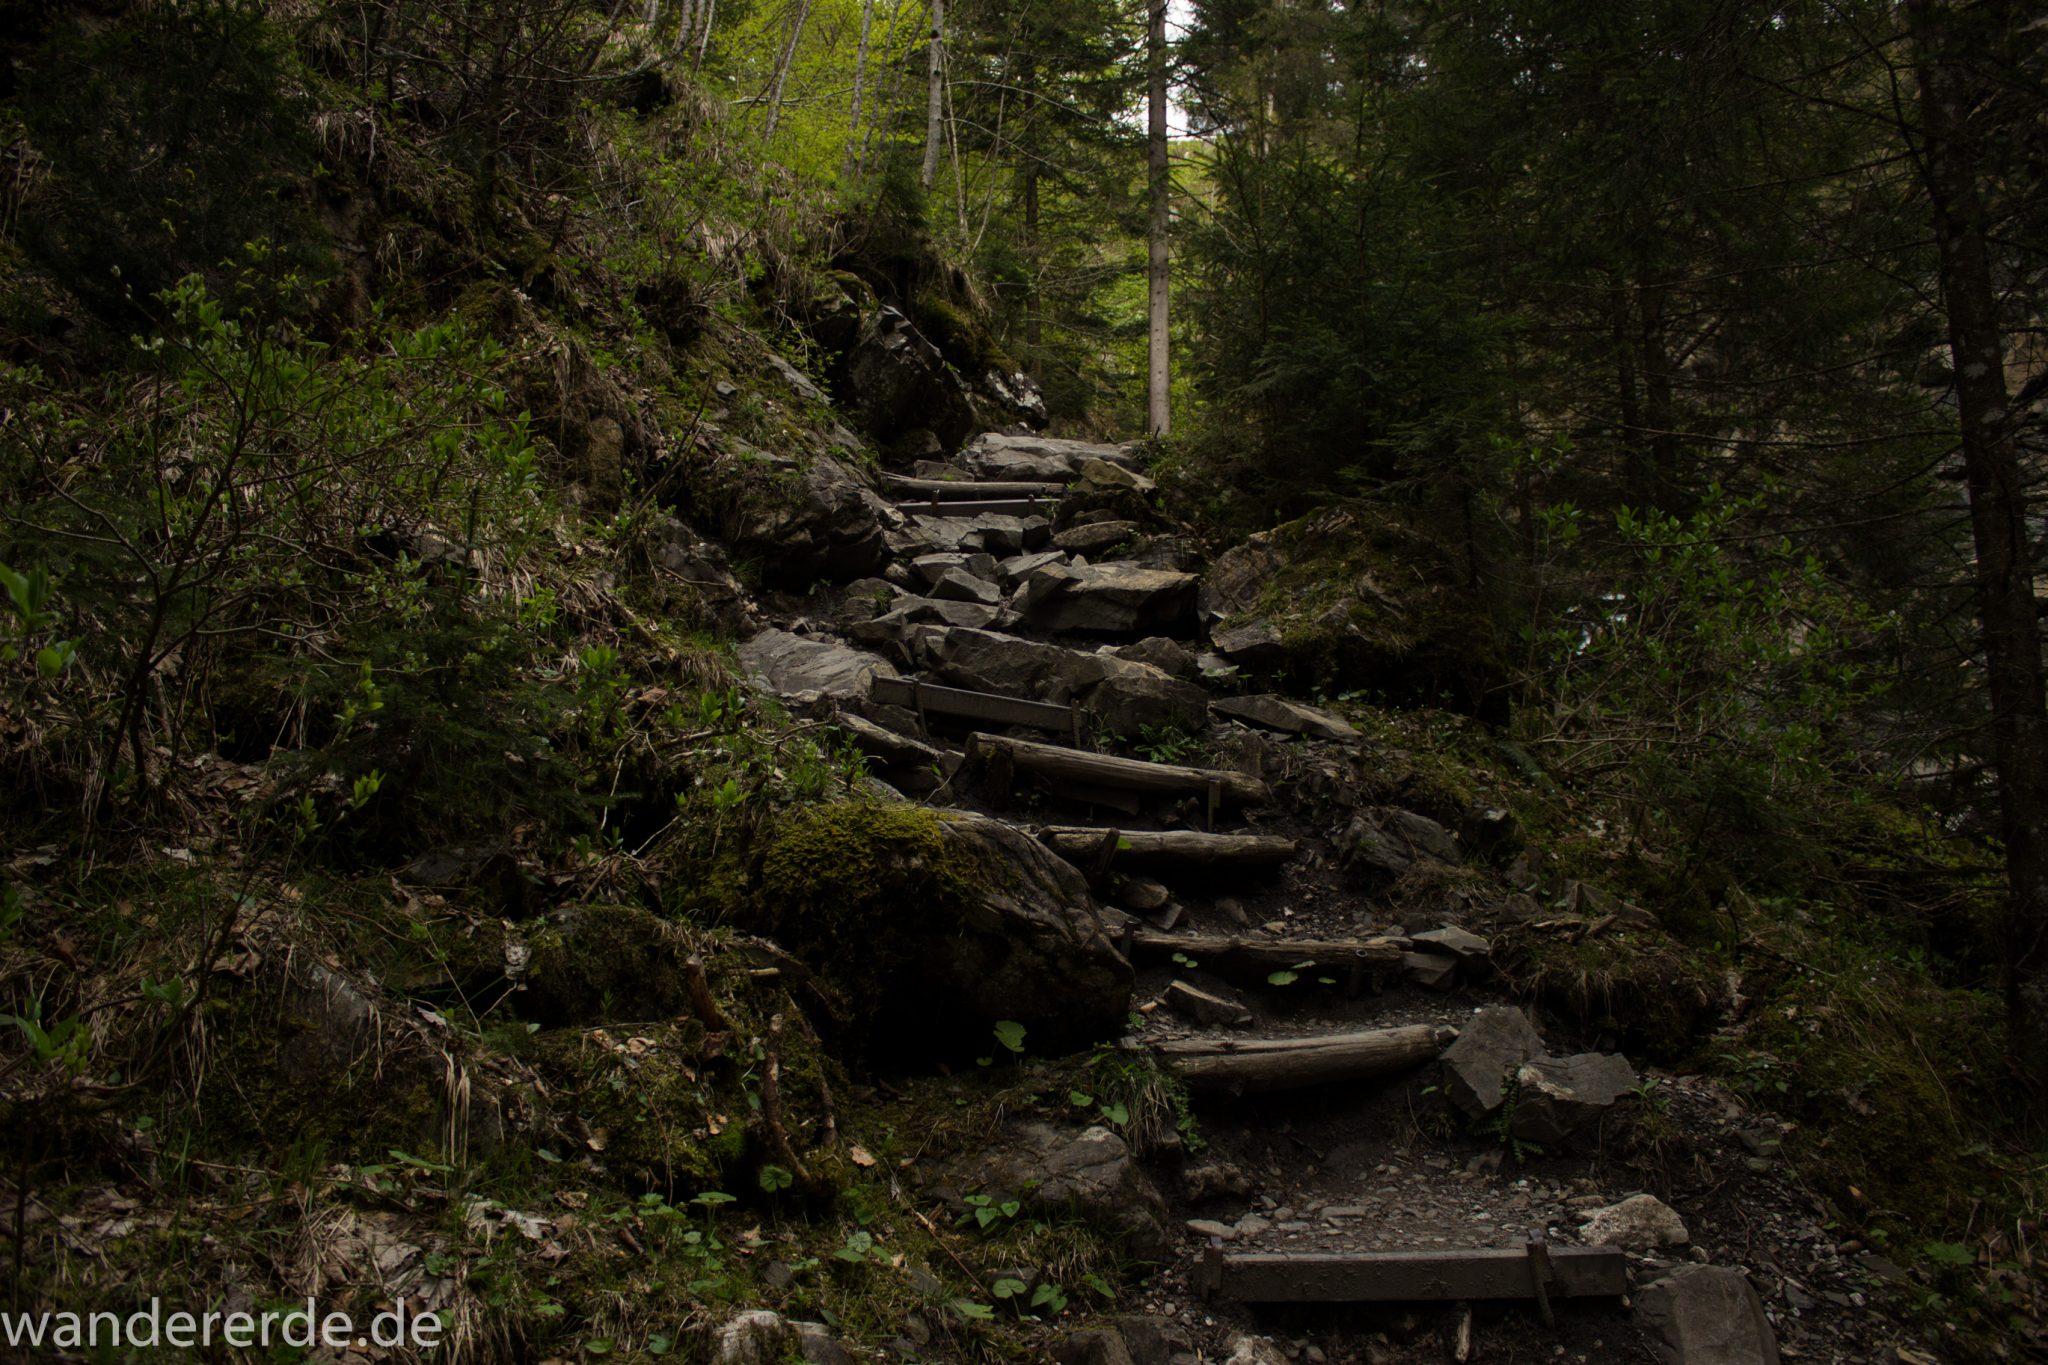 Wanderung Unterer Gaisalpsee, über Tobelweg zurück nach Oberstdorf, steile Treppe beim Tobelweg abwärts, umgeben von schönem dichtem Mischwald, abwechselungsreicher Wanderweg